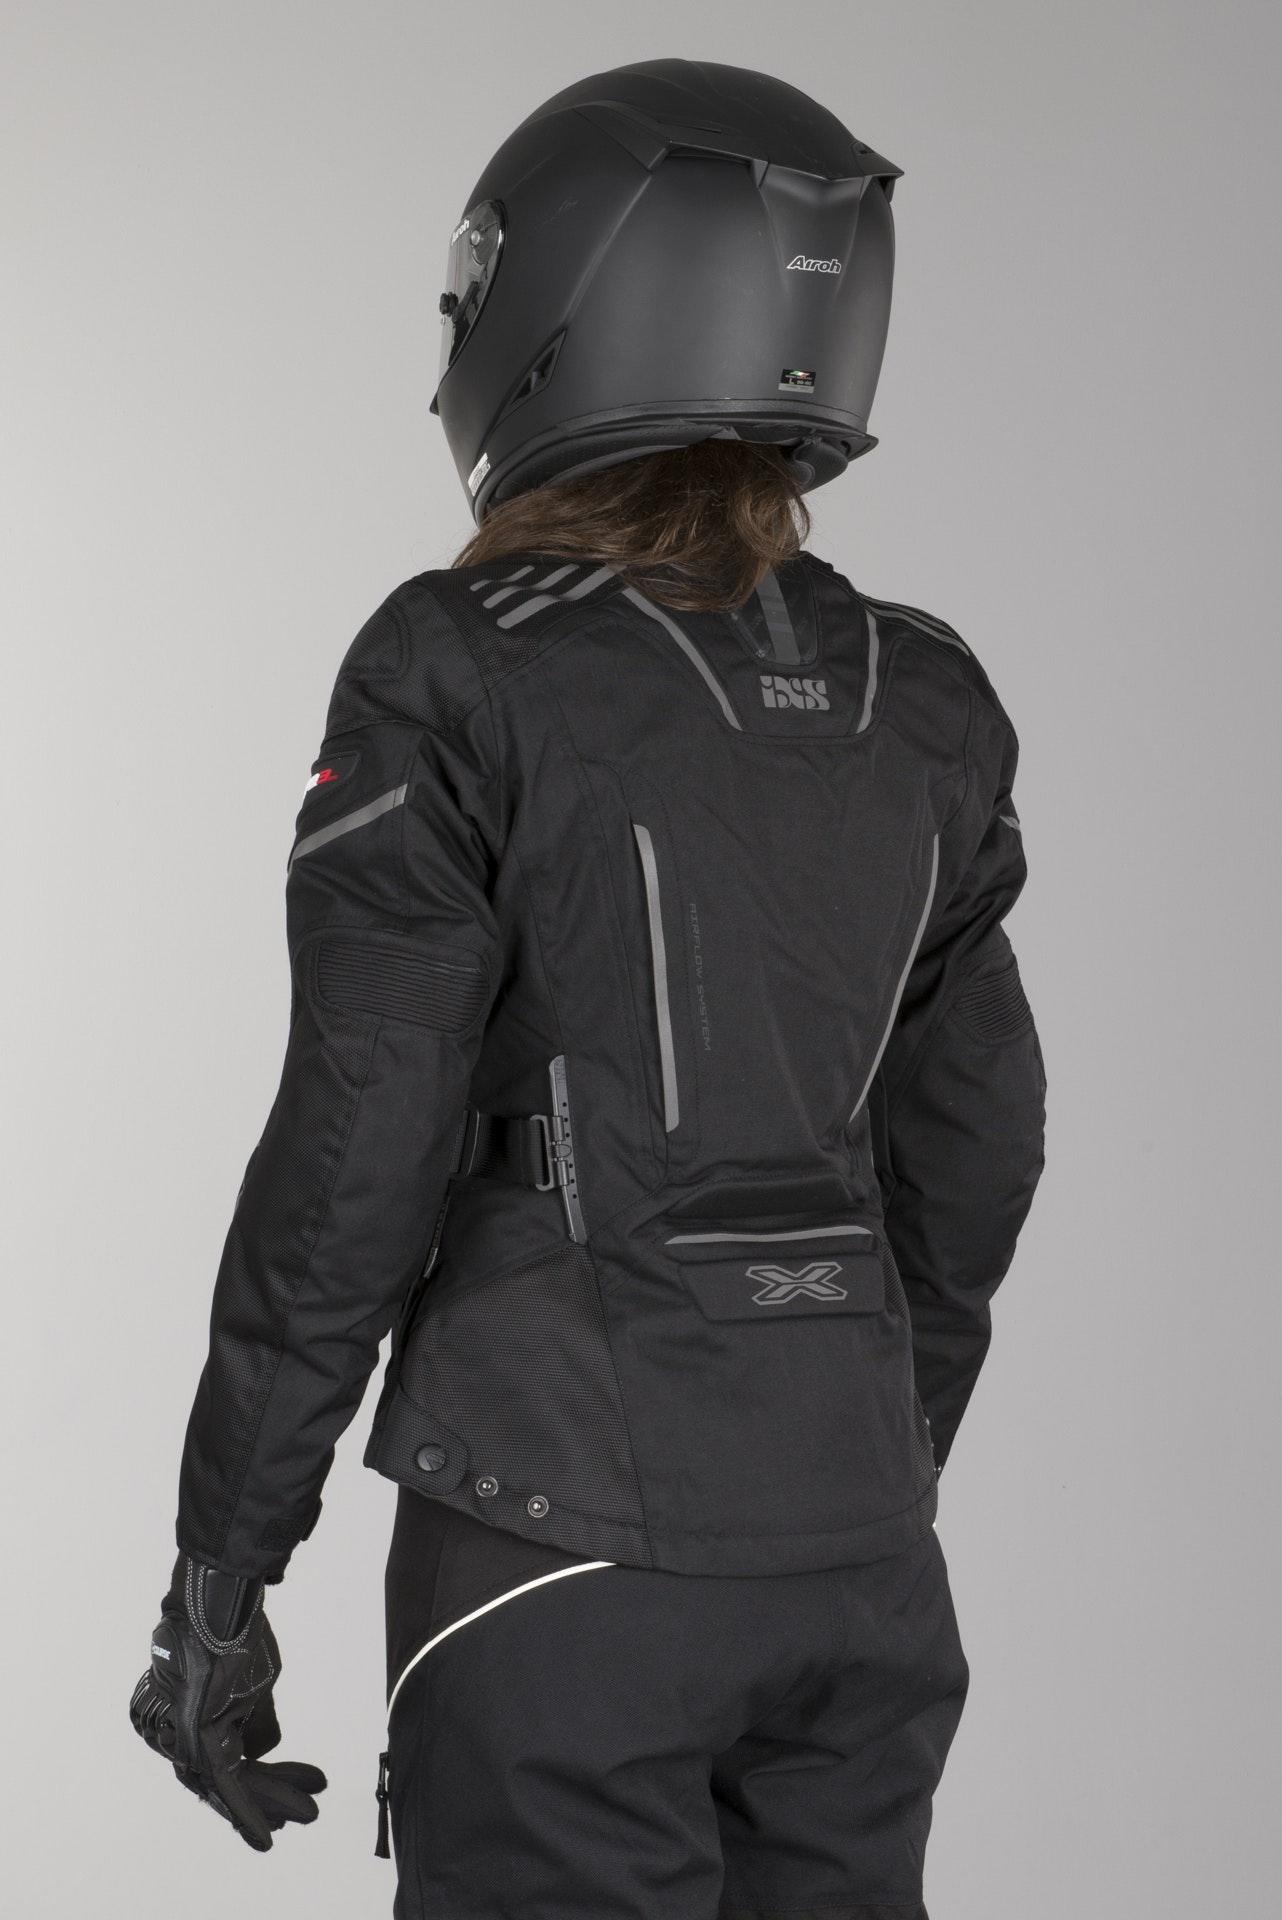 Ixs x jacket powell